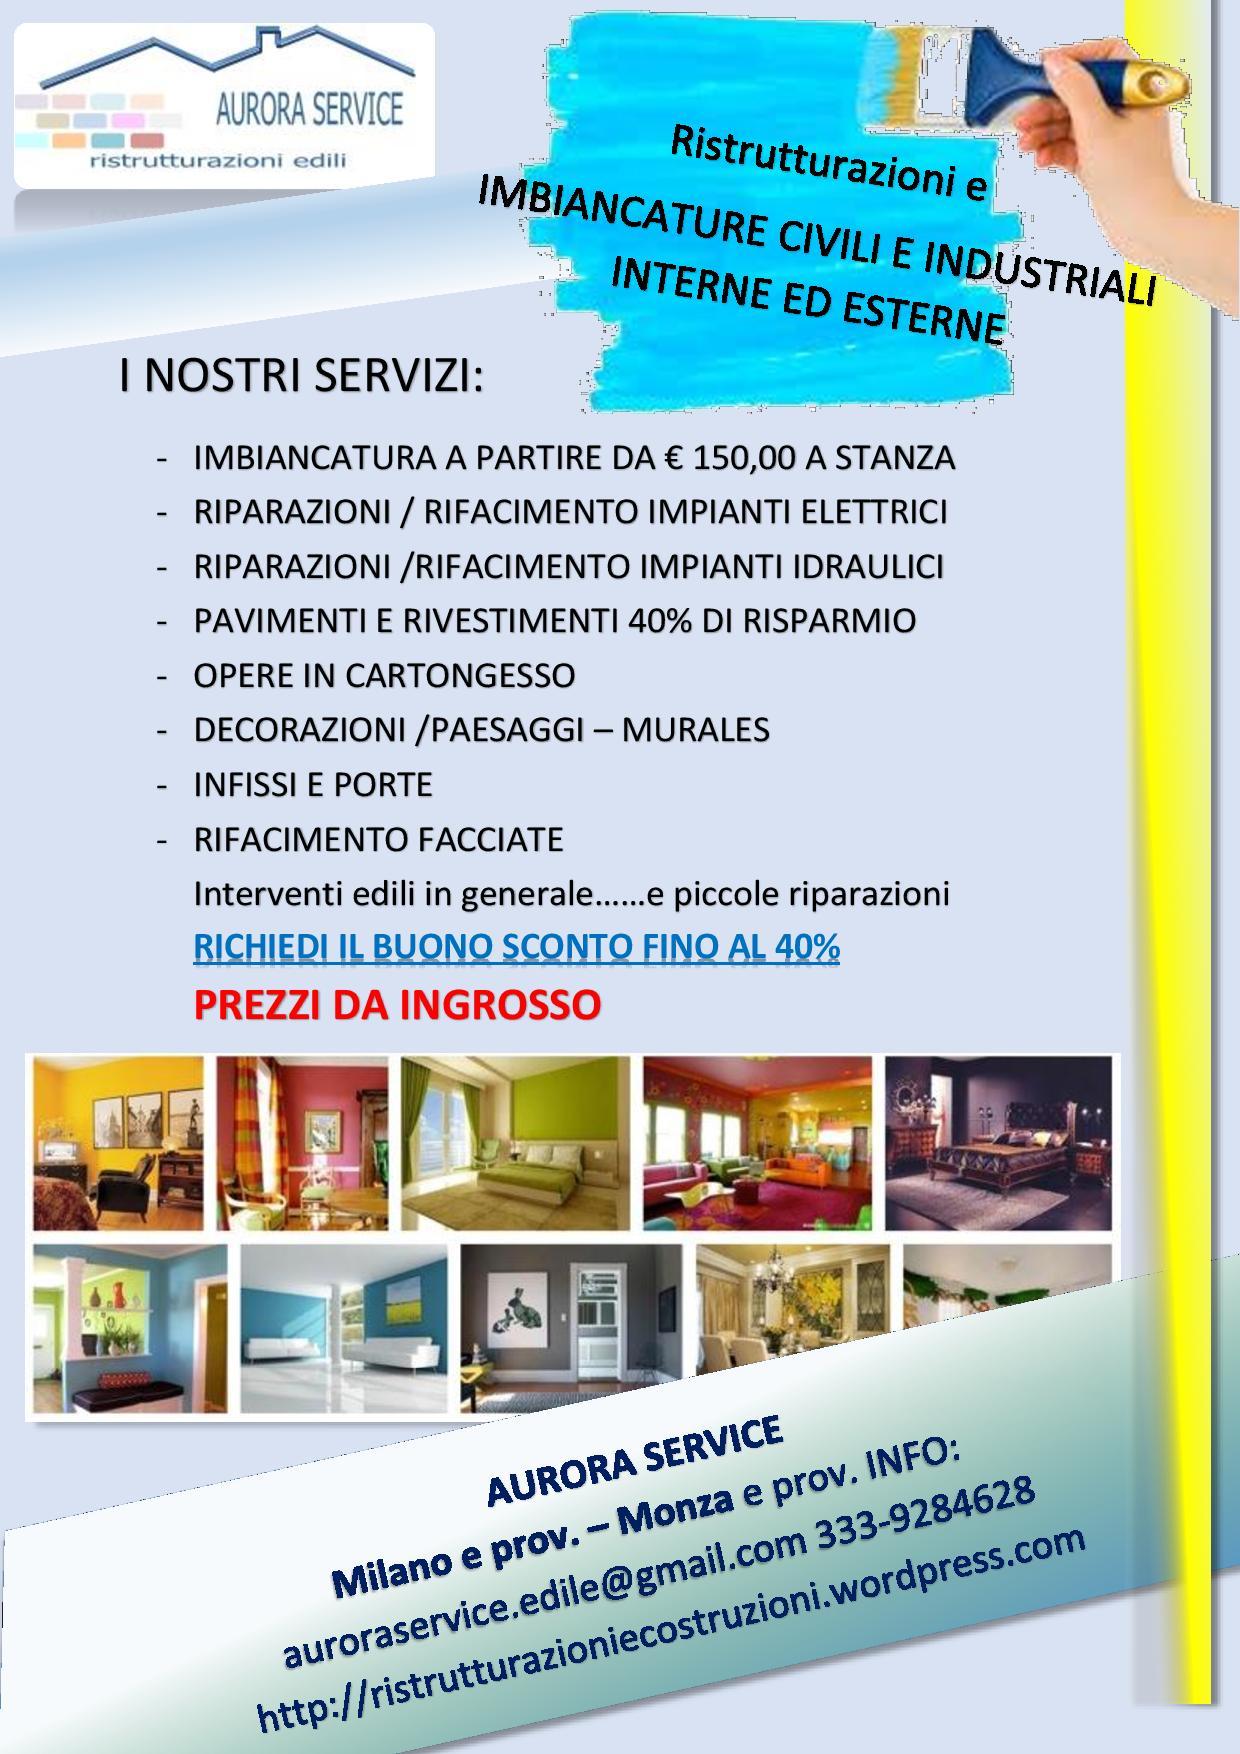 IMBIANCATURA | Ristrutturazioni Milano Prezzi da ingrosso